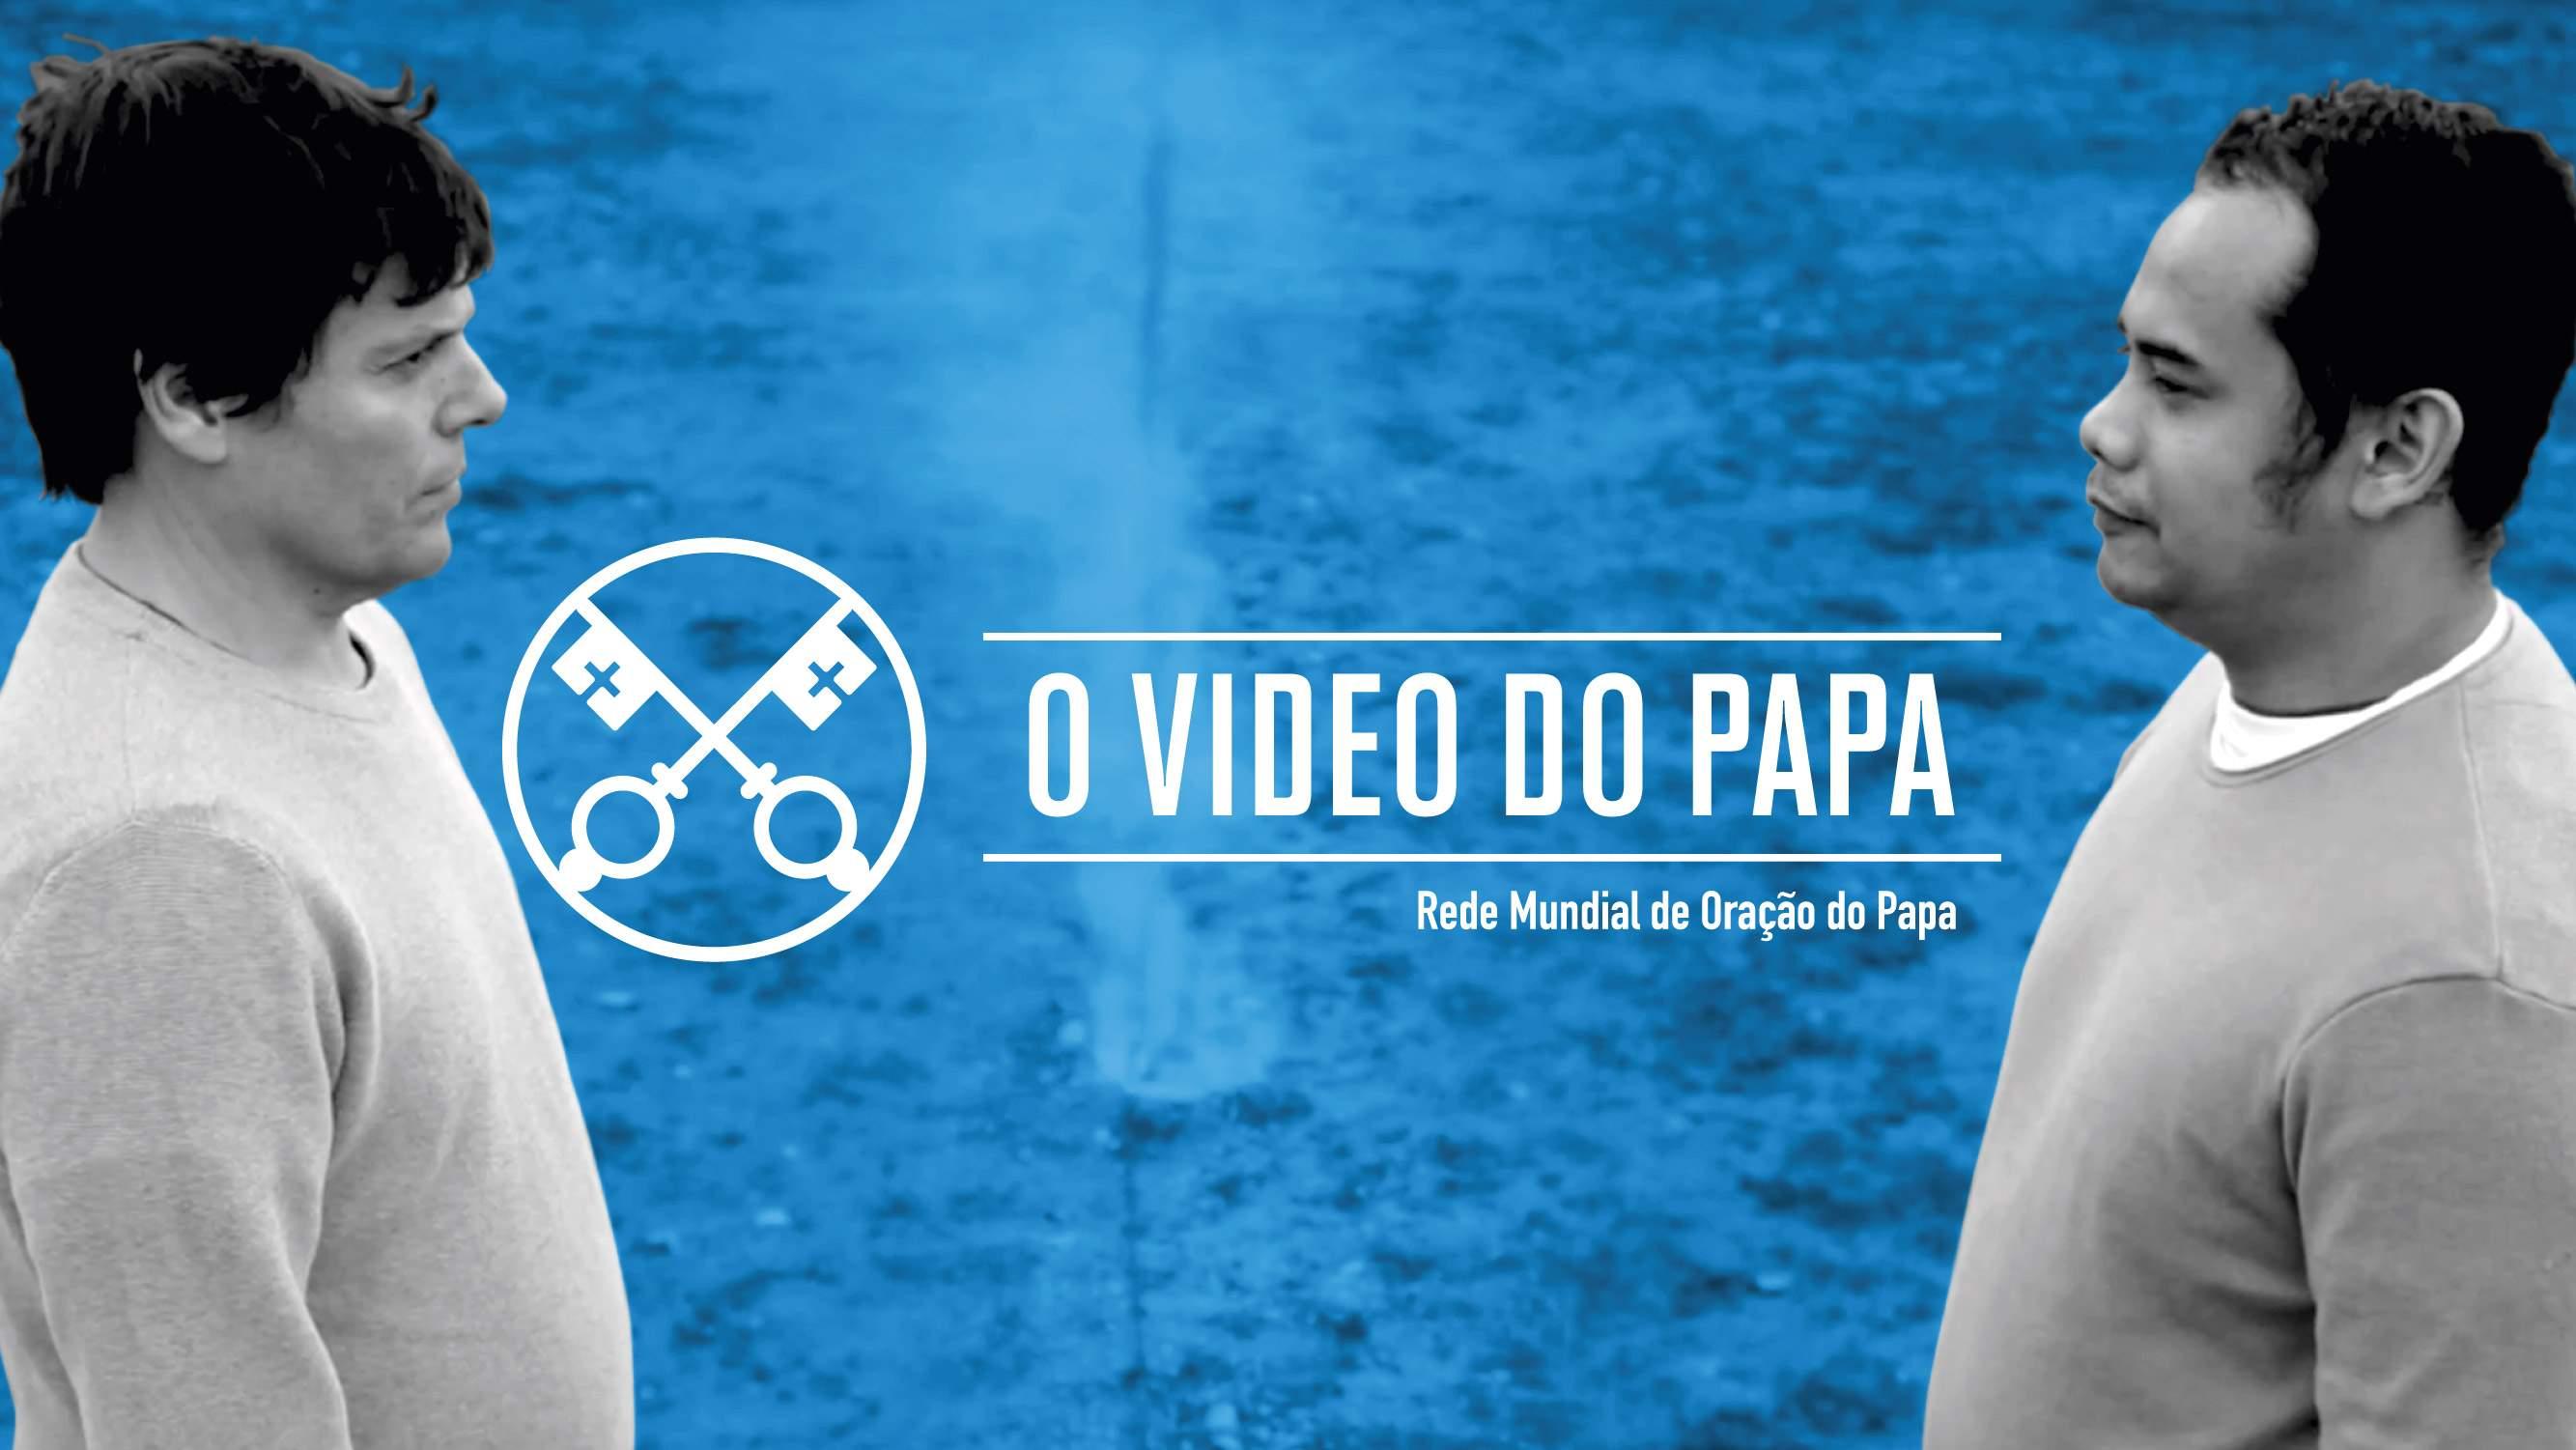 Official Image - TPV 1 2020 PT - O Video do Papa - Promoção da paz no mundo